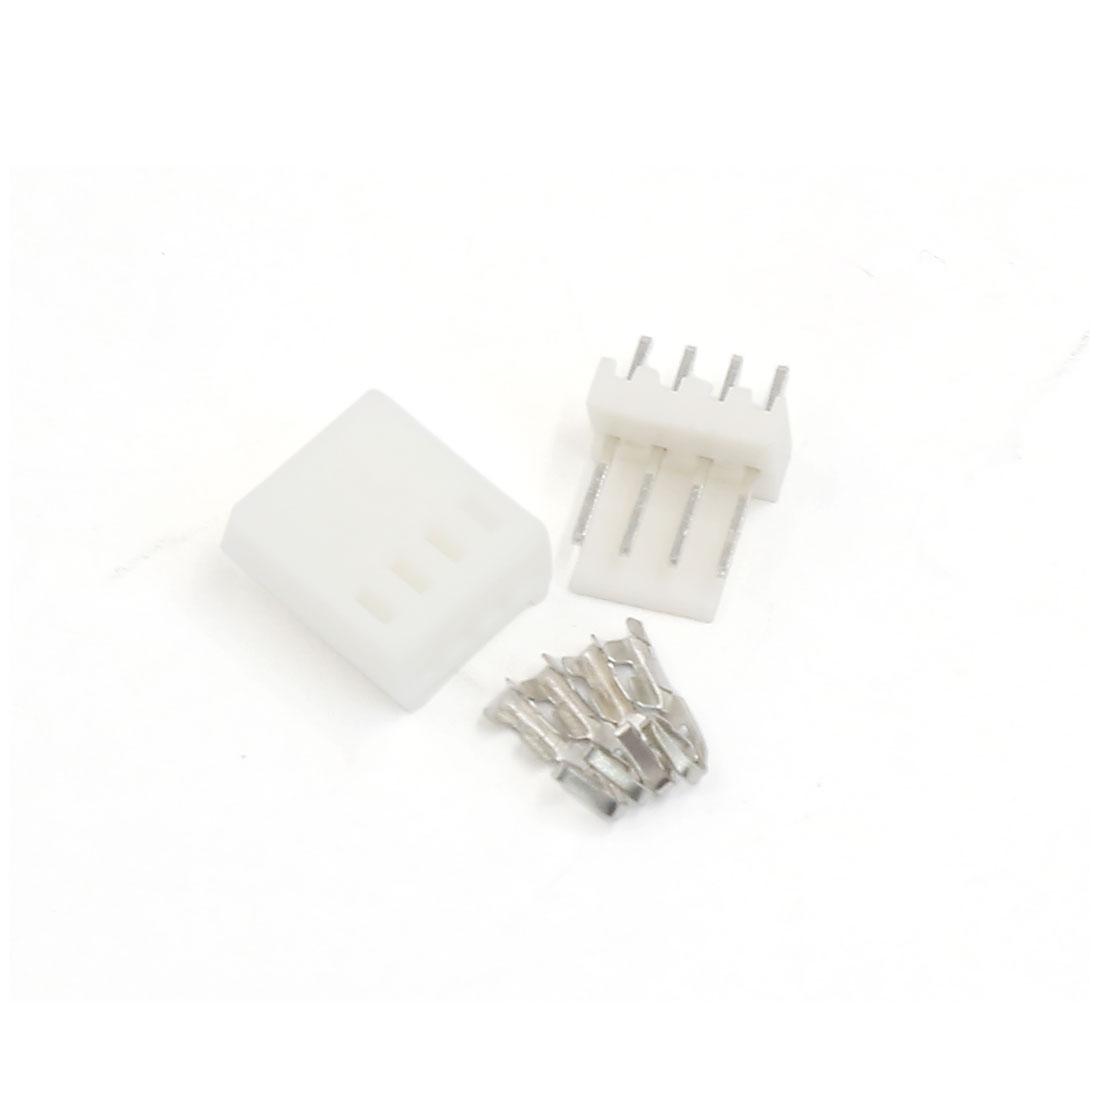 5 Sets KF2510 4 Pin 2.54mm Header Terminal Housing Connector Kit